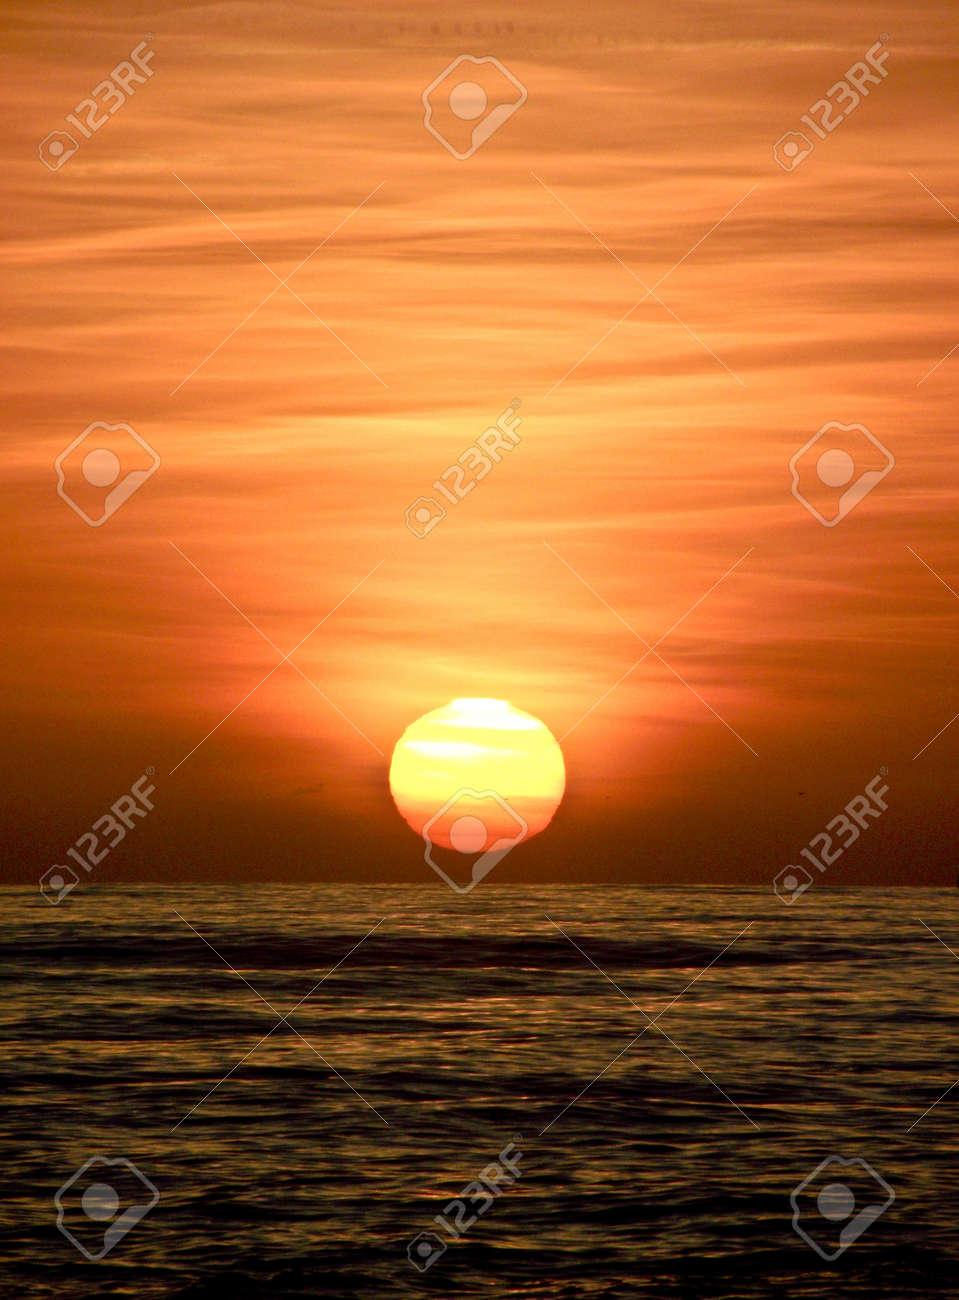 Sunset on the Tyrrhenian Sea Stock Photo - 12222388